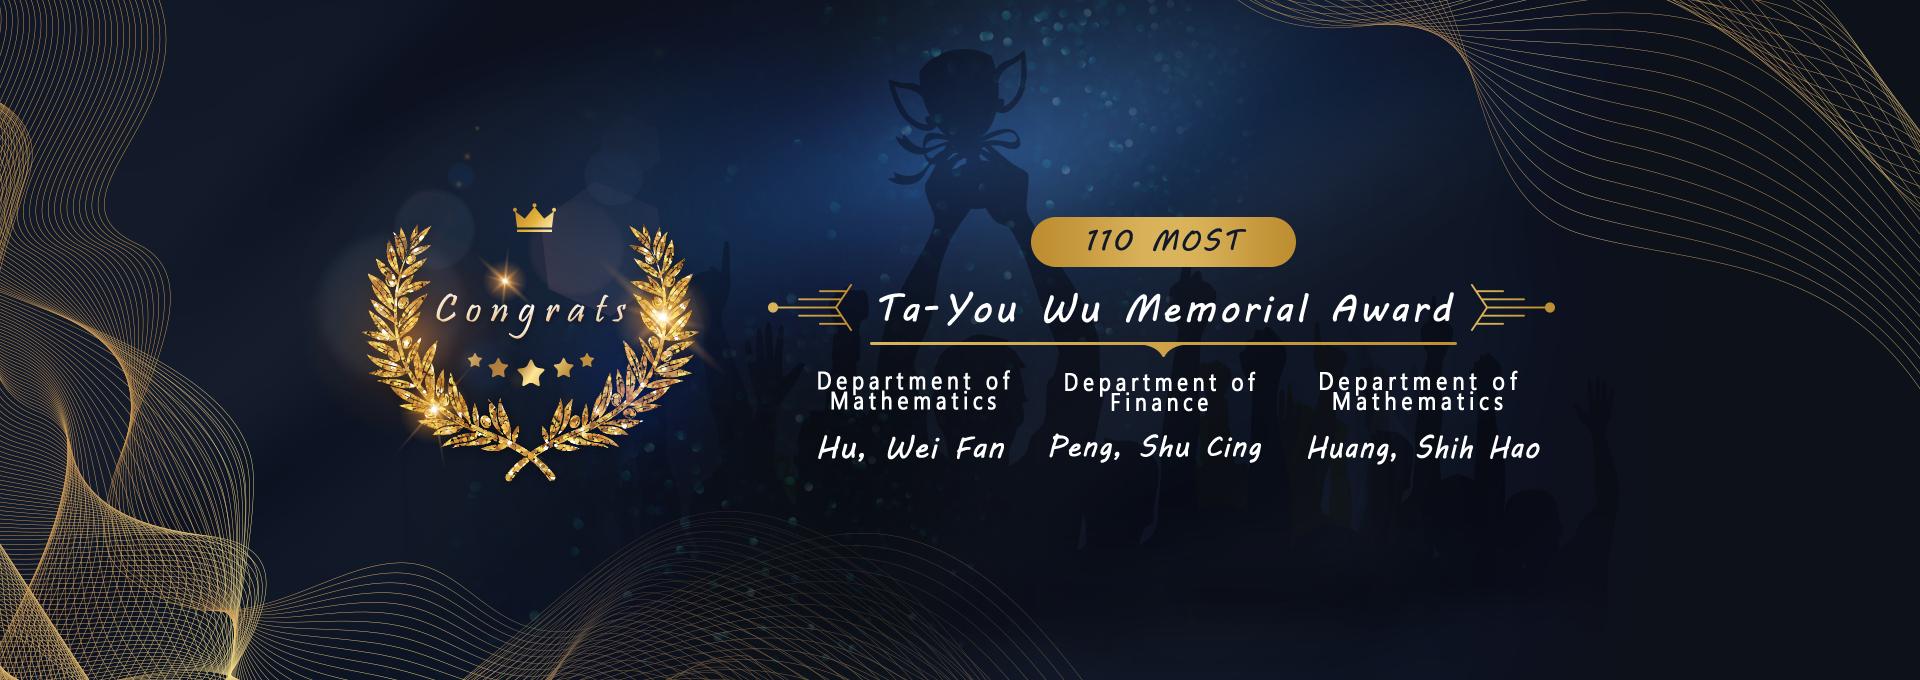 110 Ta-You Wu Memorial Award